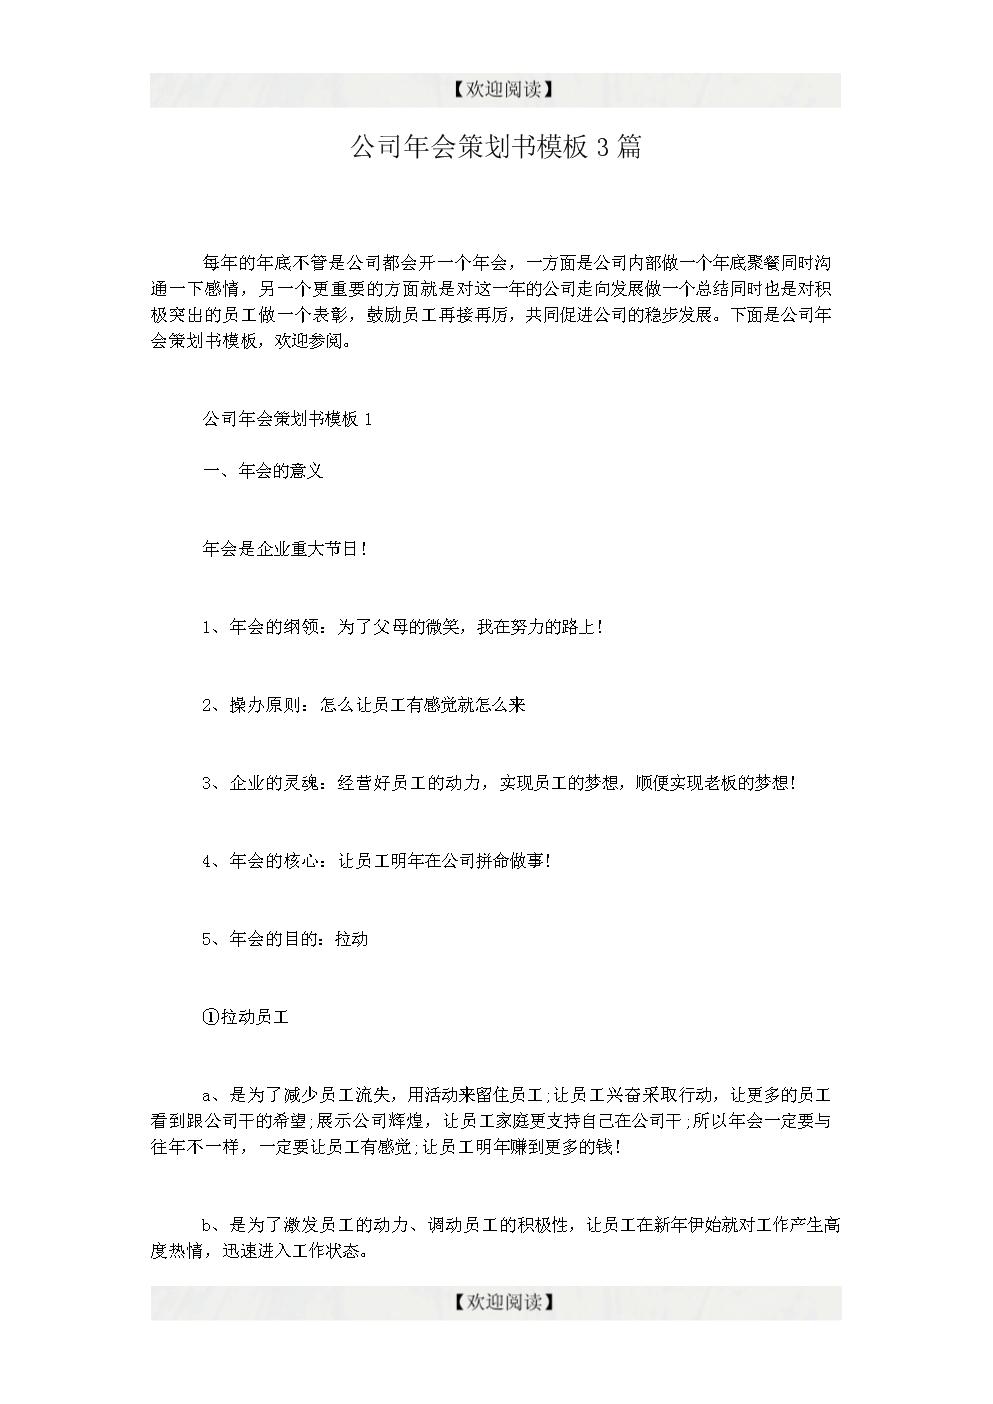 公司年会策划书模板3篇.doc